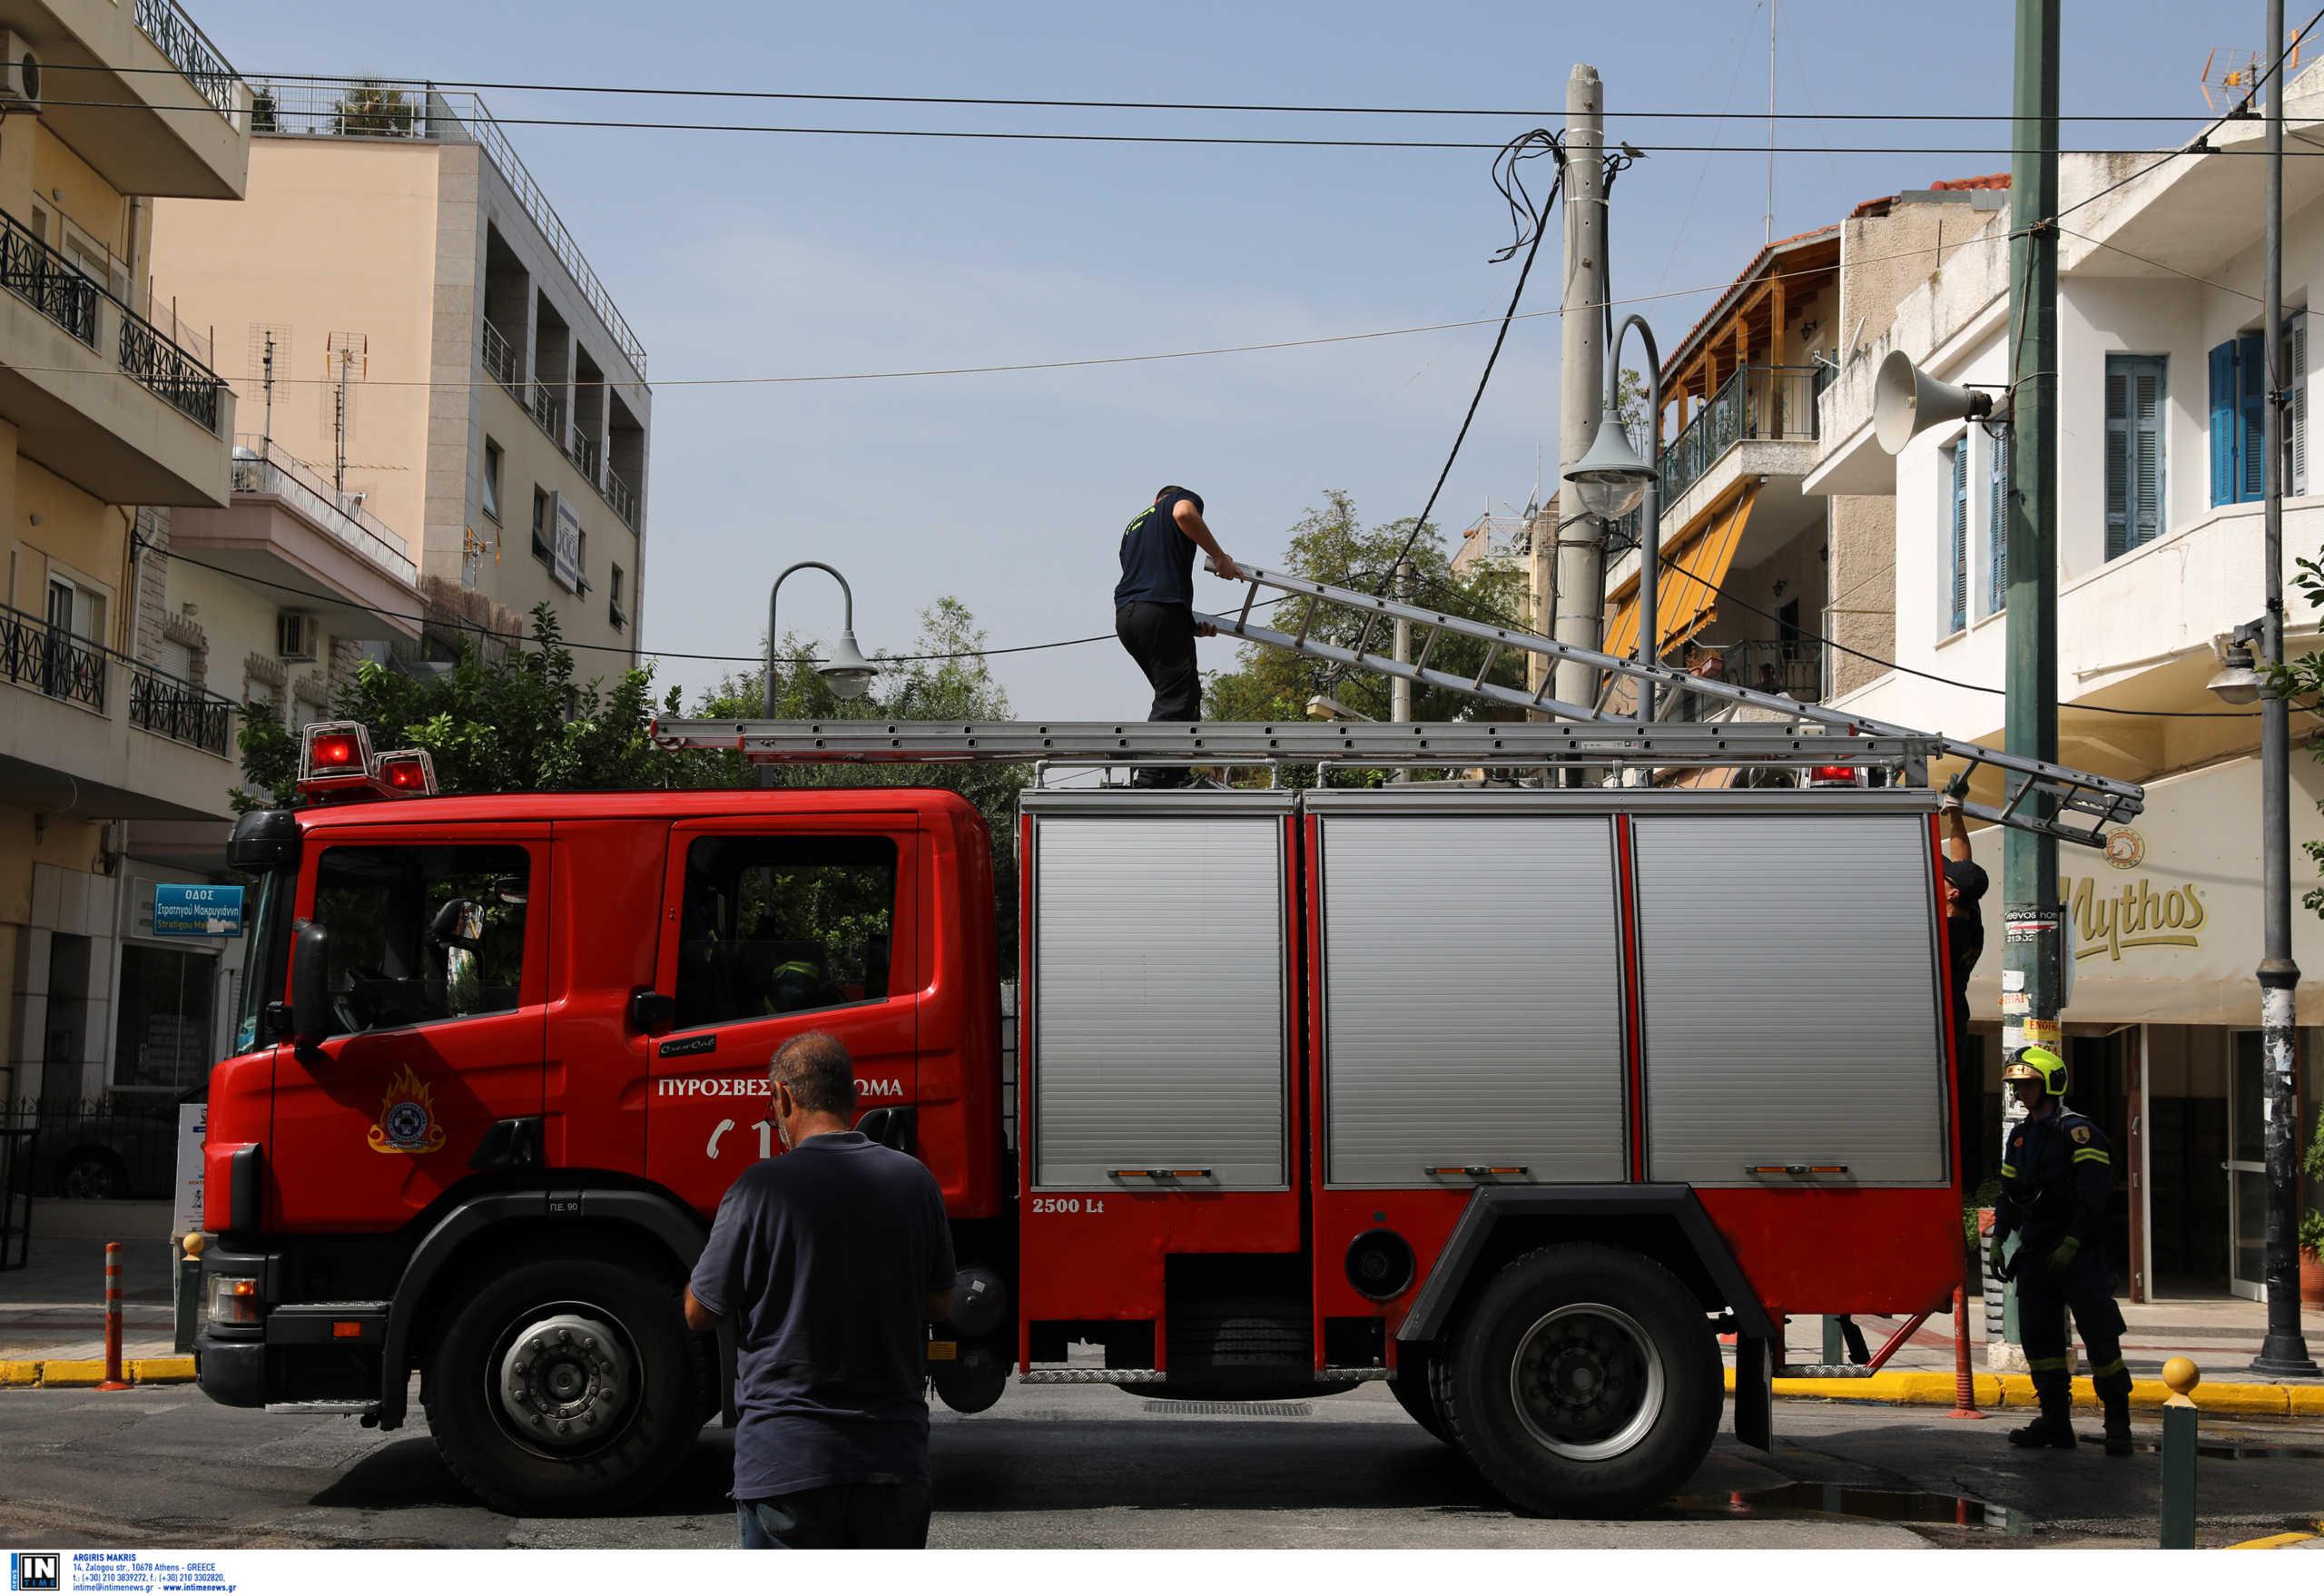 Υπό έλεγχο η φωτιά σε κατάστημα στη Νίκαια